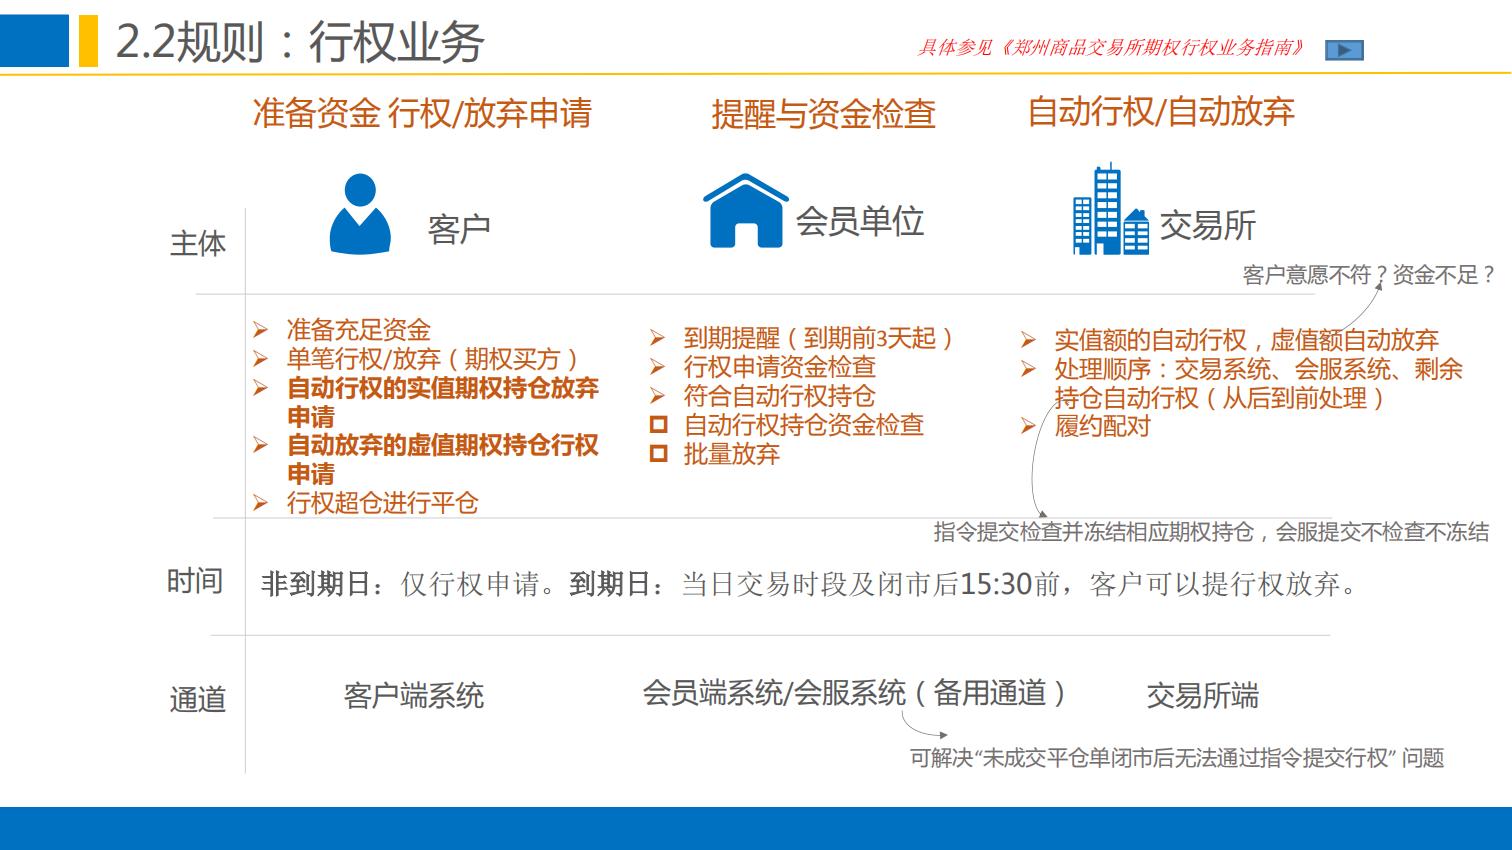 晨会:郑商所培训分享-棉花期权合约规则与上市工作安排0111.pdfx_21.png